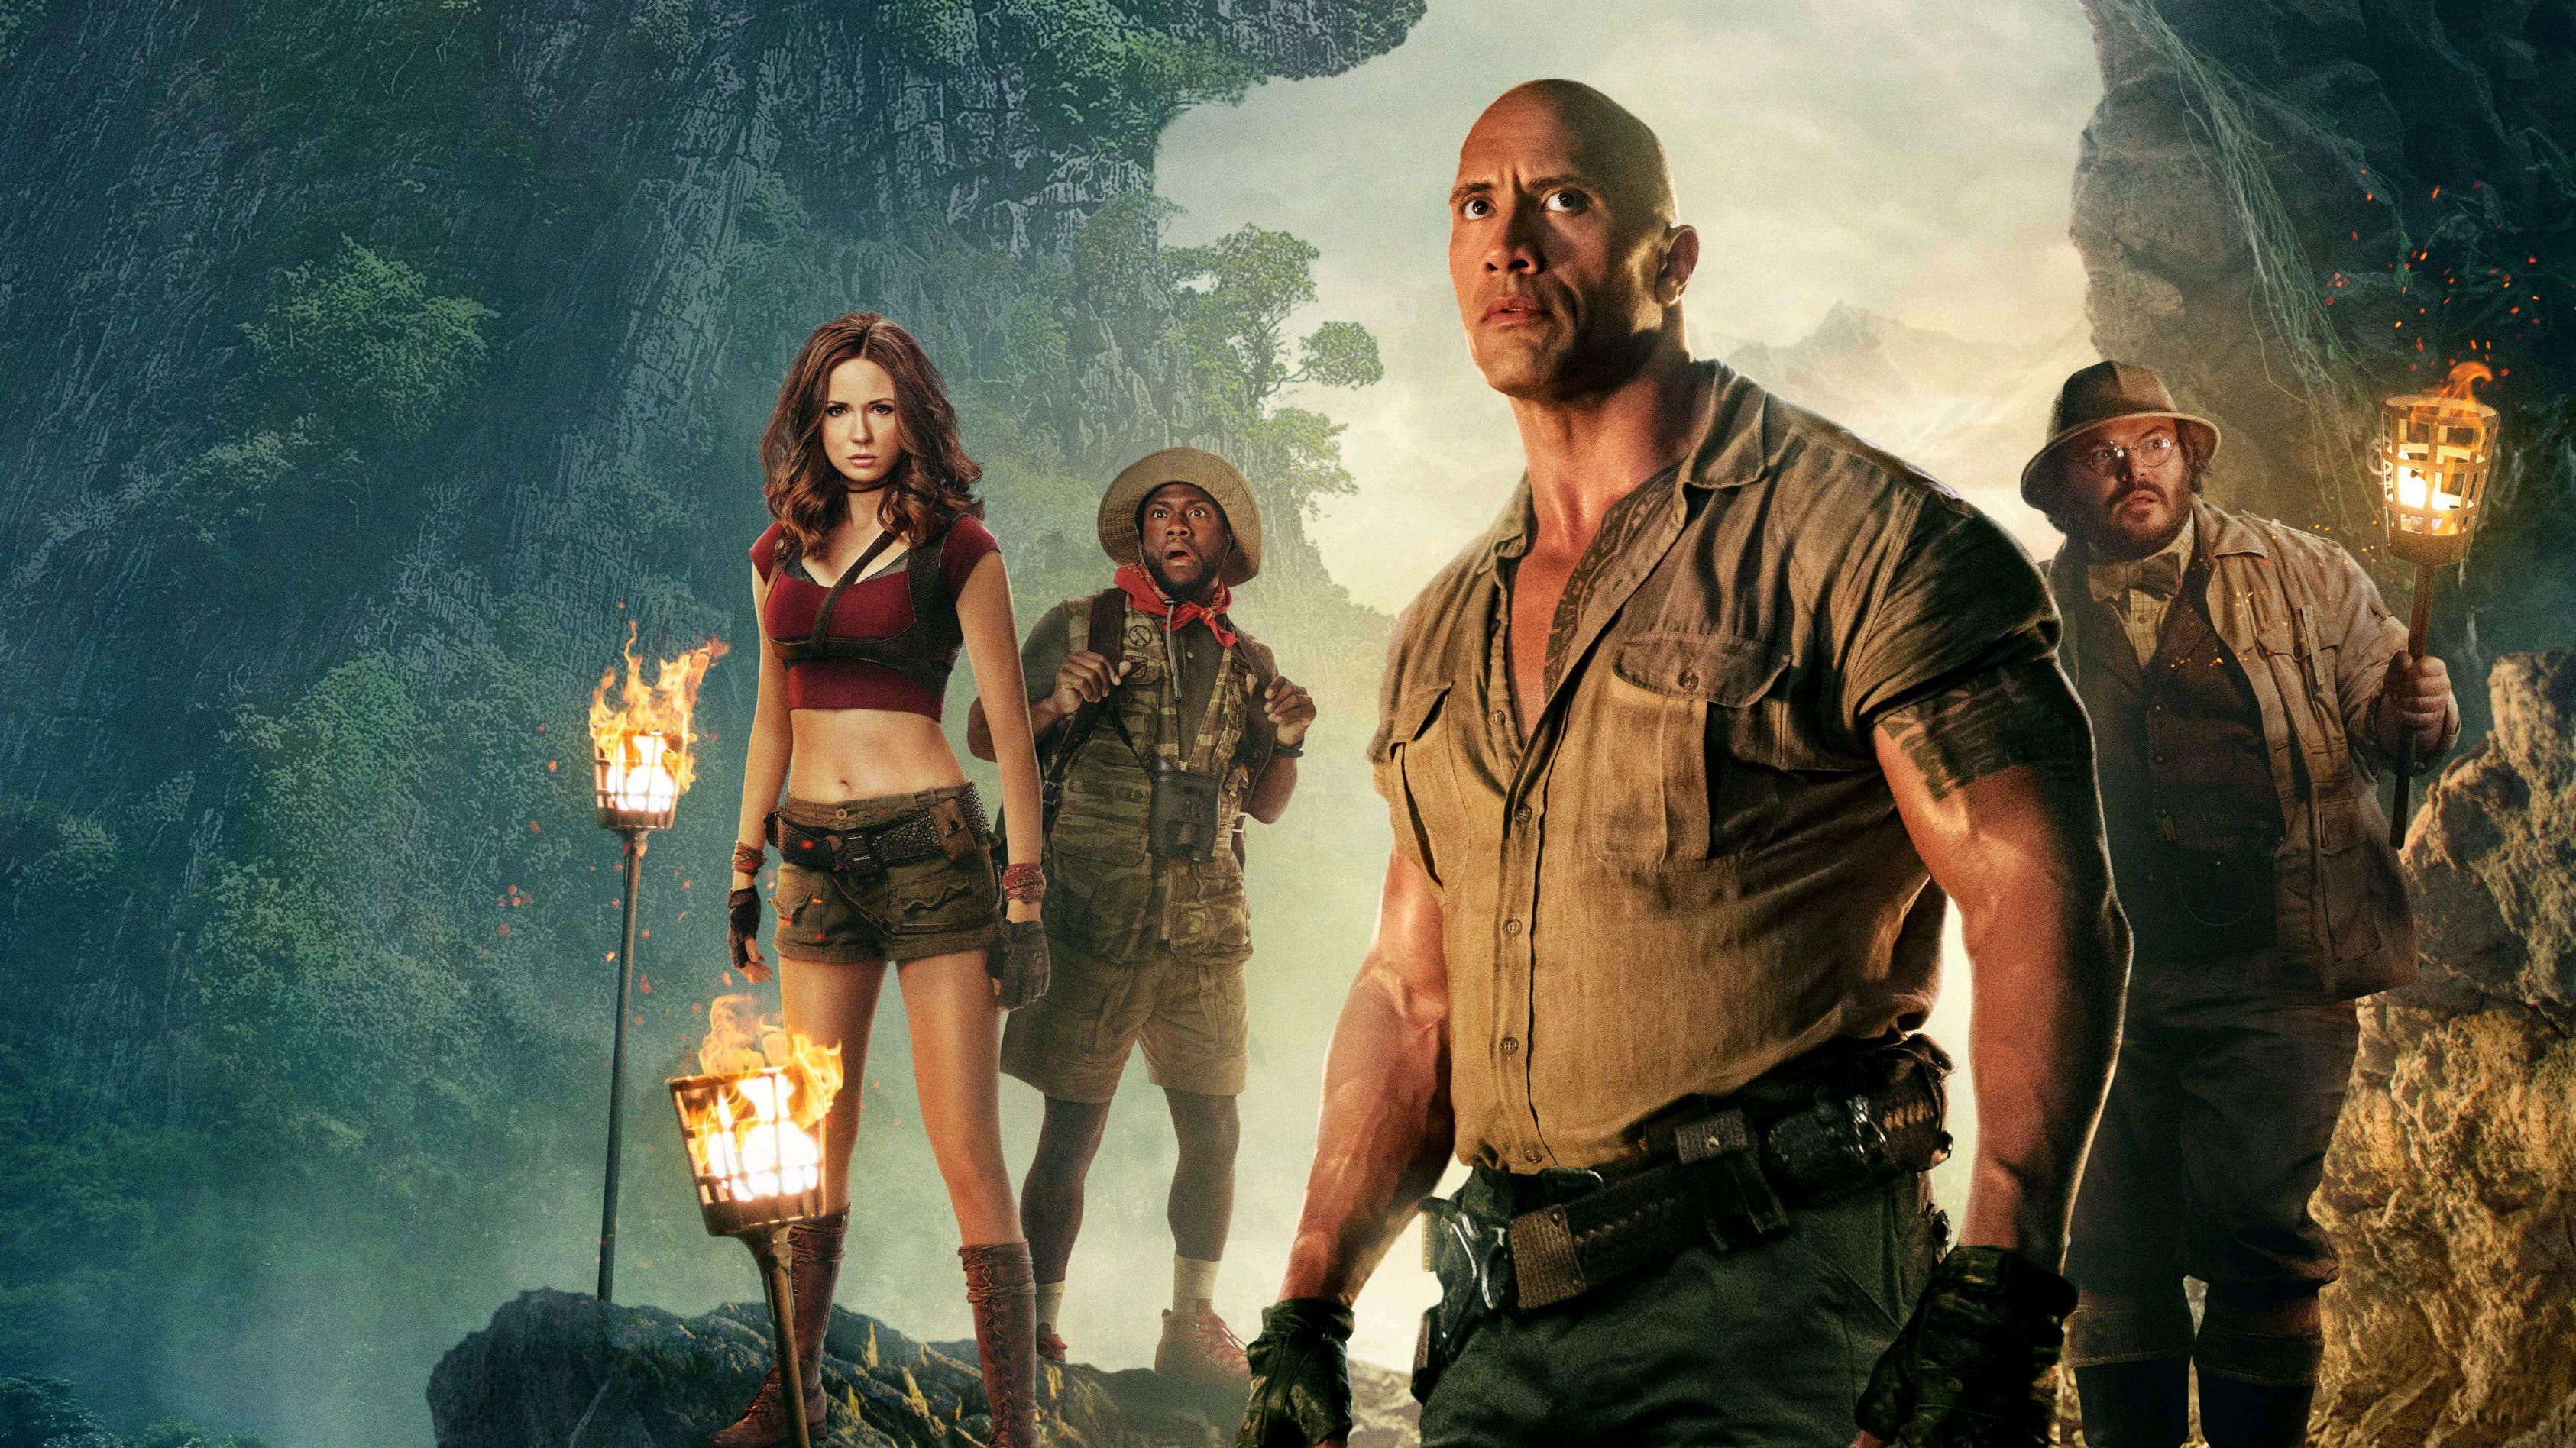 Смотреть новые фильмы онлайн в хорошем качестве HD 720p бесплатно